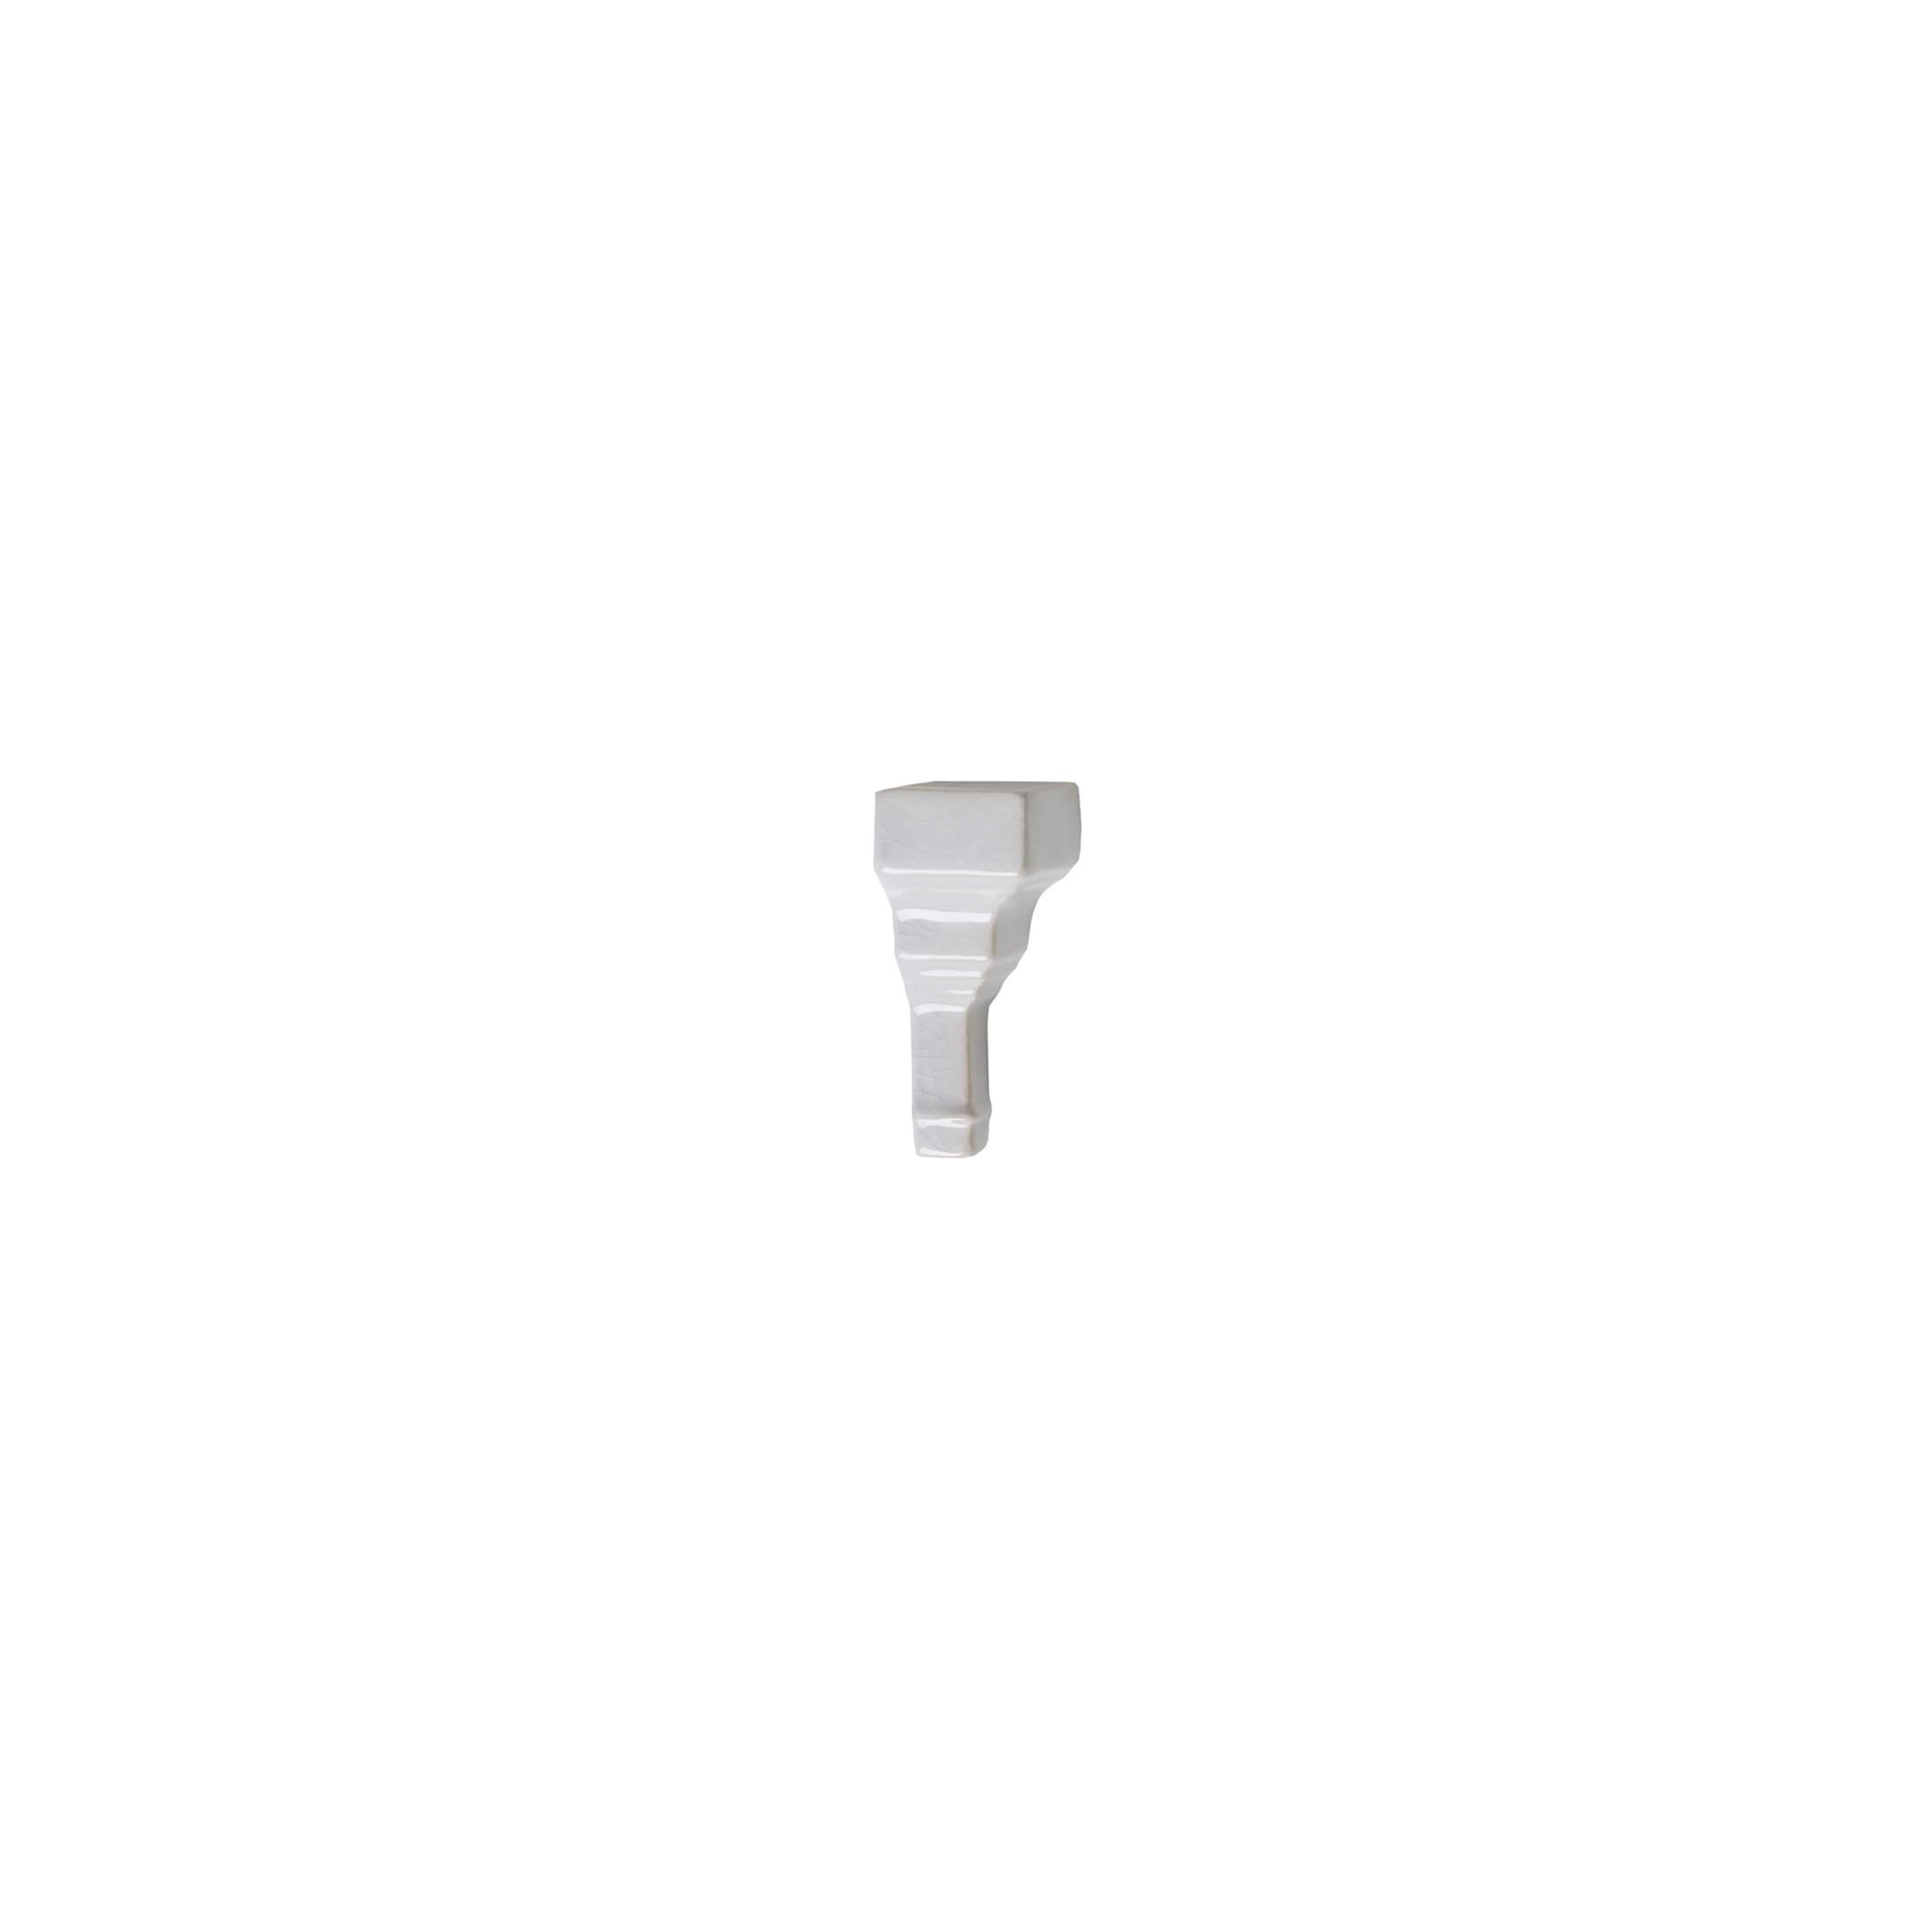 ADMO5469 - ANGULO EXT. CORNISA CLASICA C/C - 5 cm X 20 cm